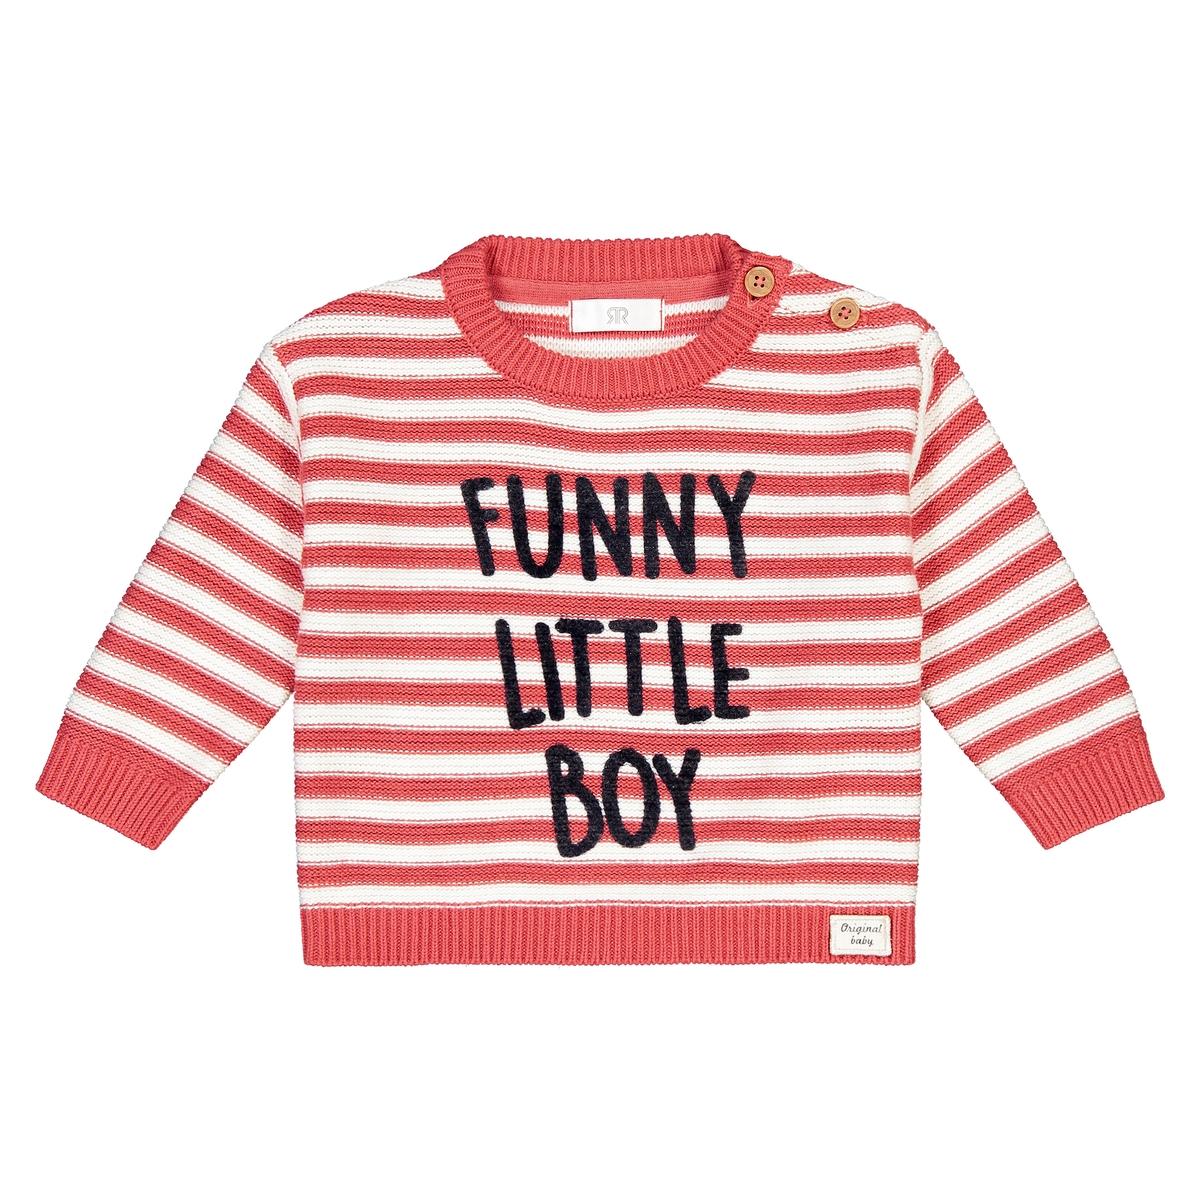 Пуловер La Redoute С круглым вырезом в полоску с надписью мес 1 мес. - 54 см бежевый футболка la redoute в полоску с надписью мес года 1 мес 54 см желтый